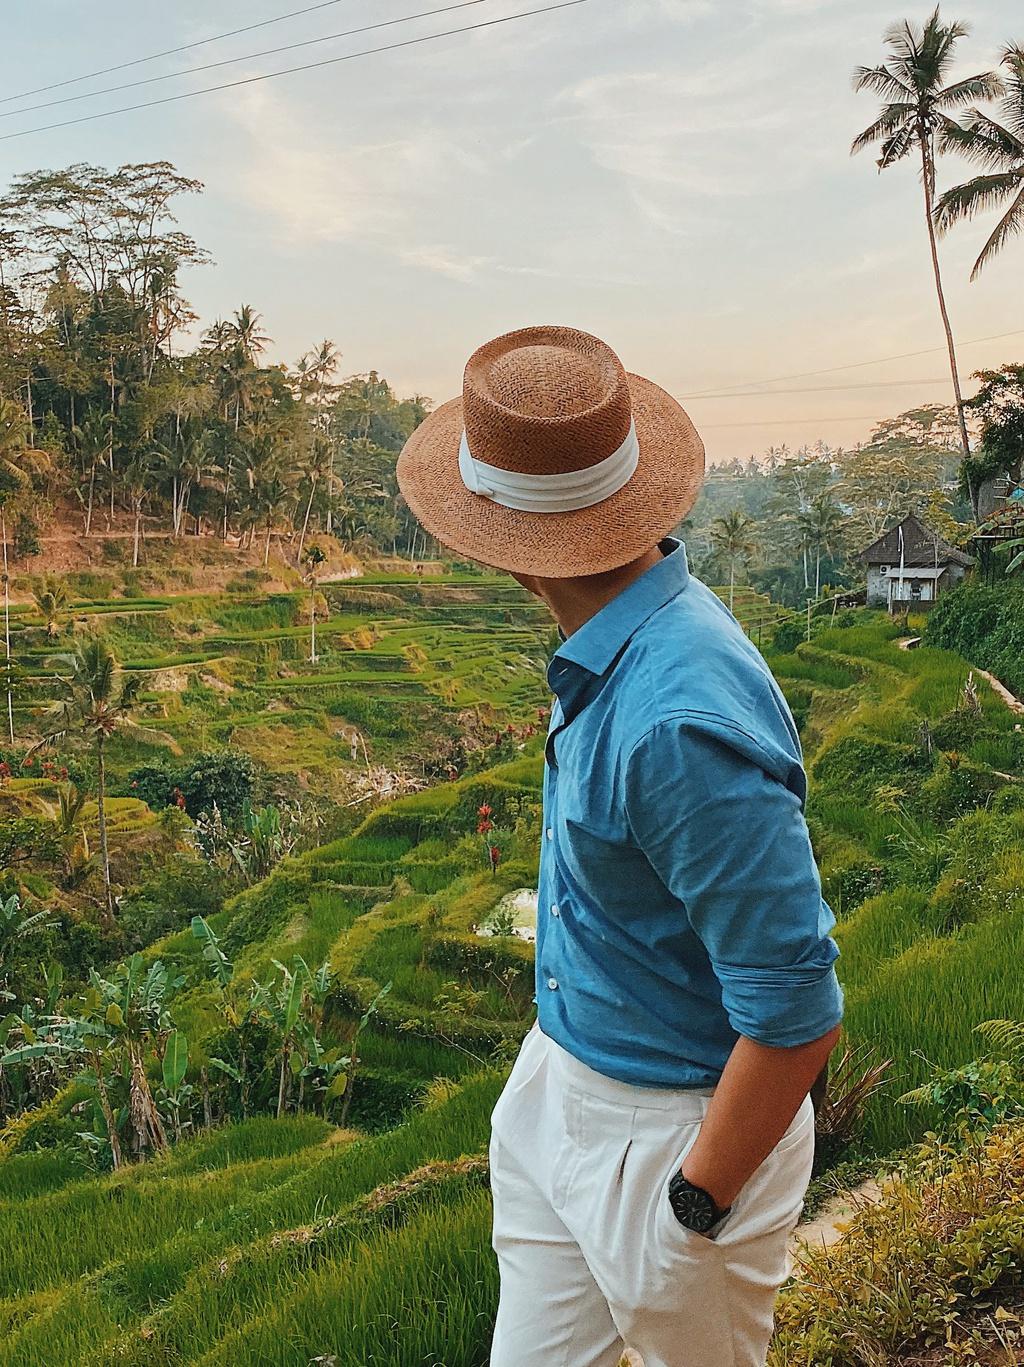 Hot girl Ha Truc va ban trai co truong nen duyen trong chuyen di Bali hinh anh 10 9.jpg